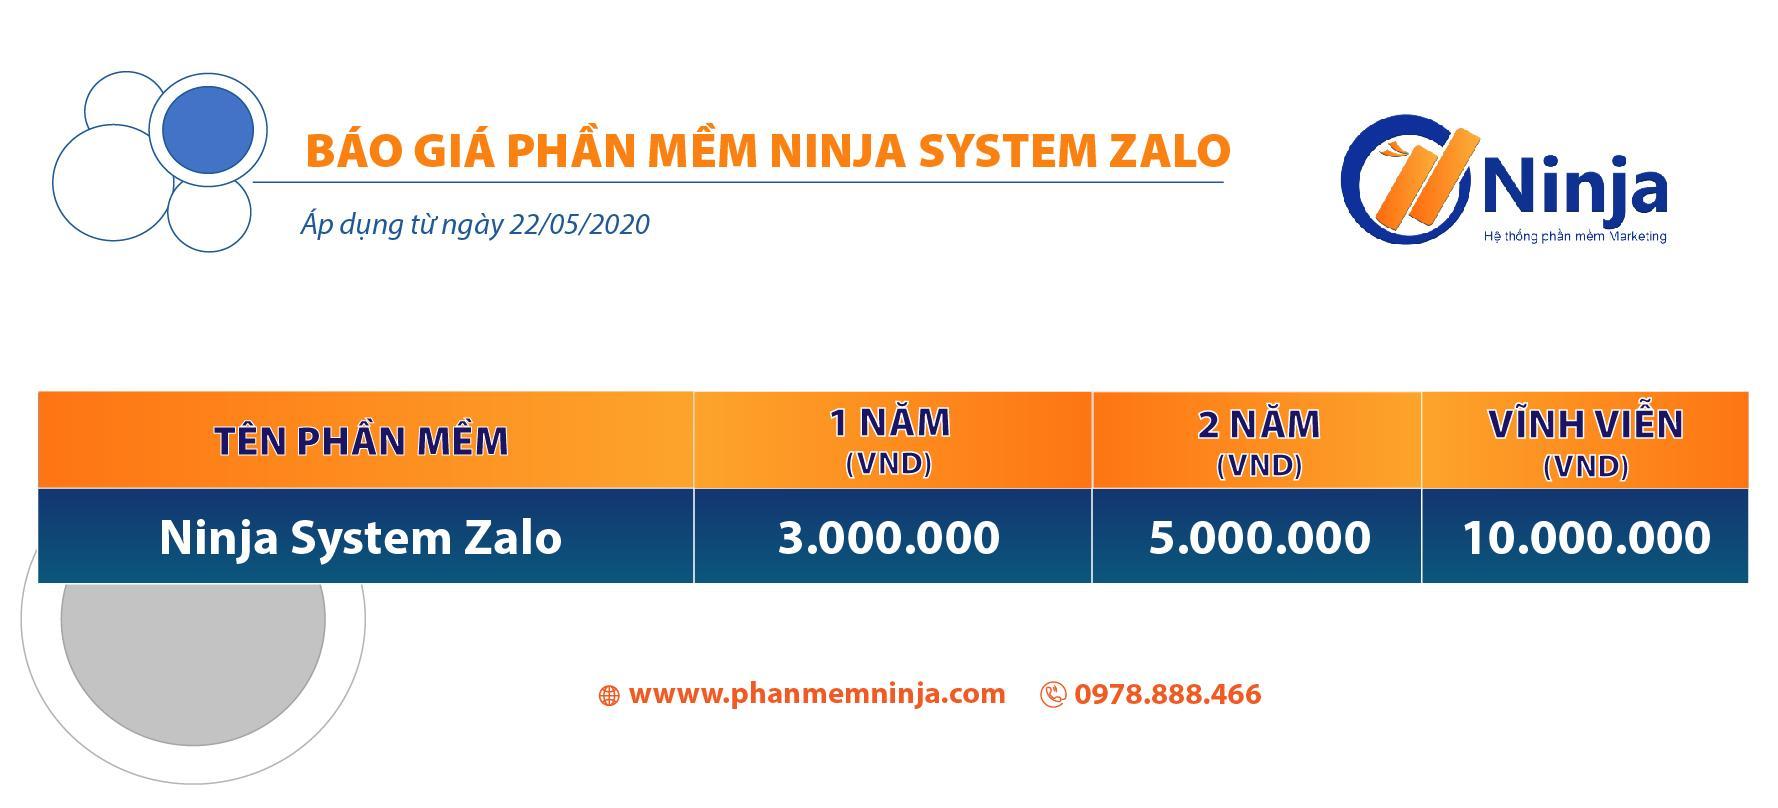 bao-gia-phan-mem-ninja-system-zalo